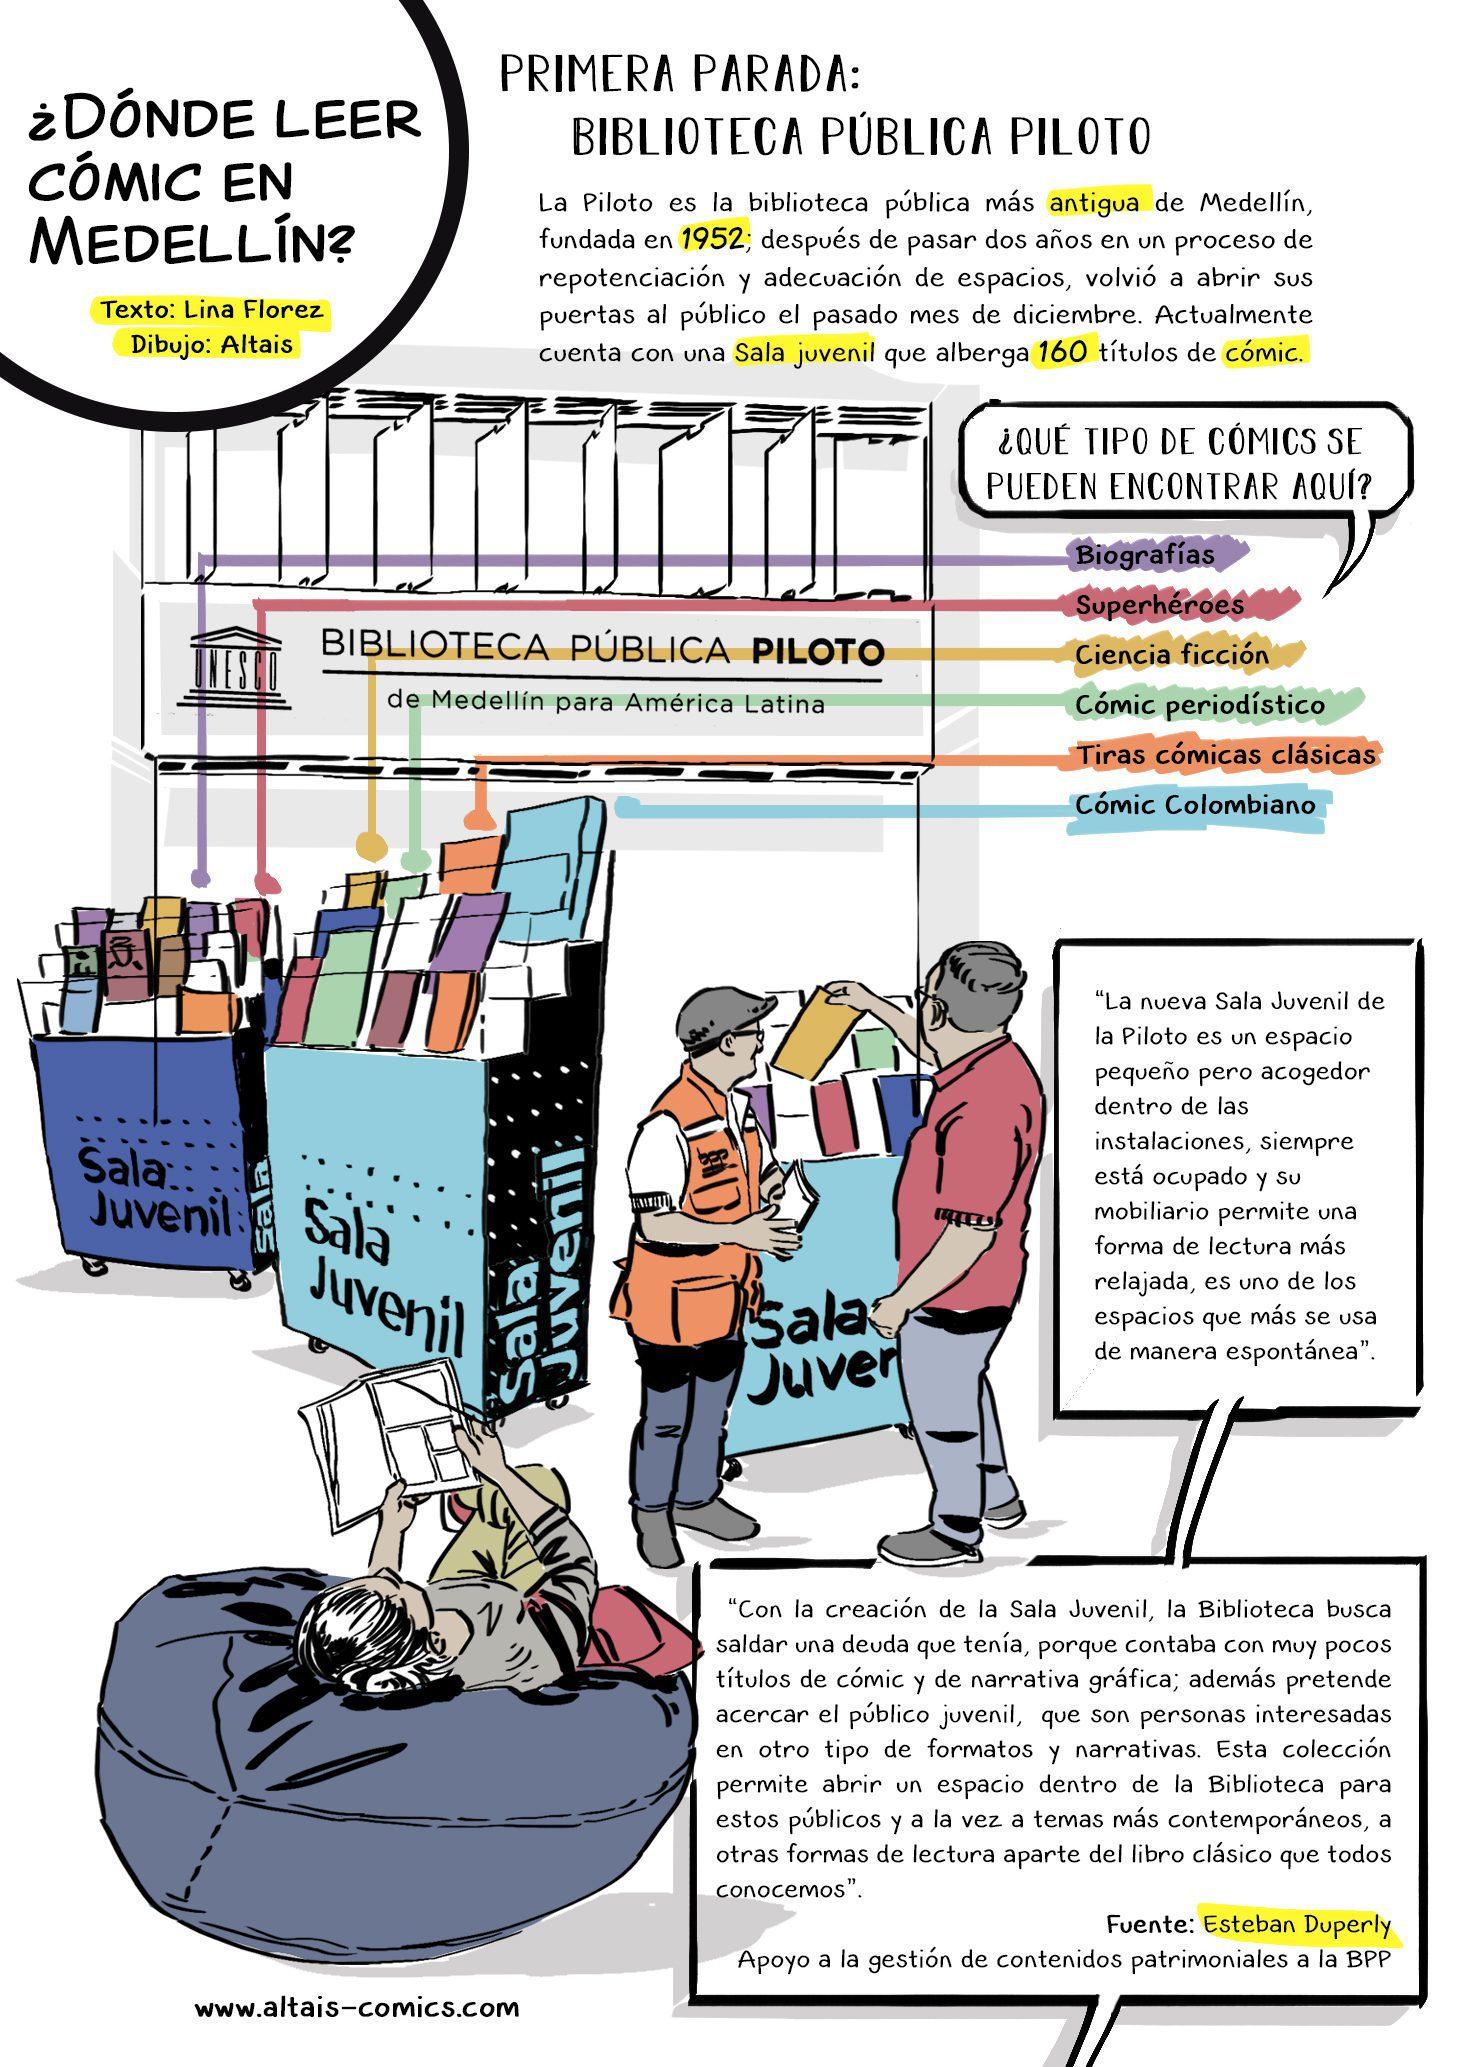 ¿Dónde leer cómic en Medellín?